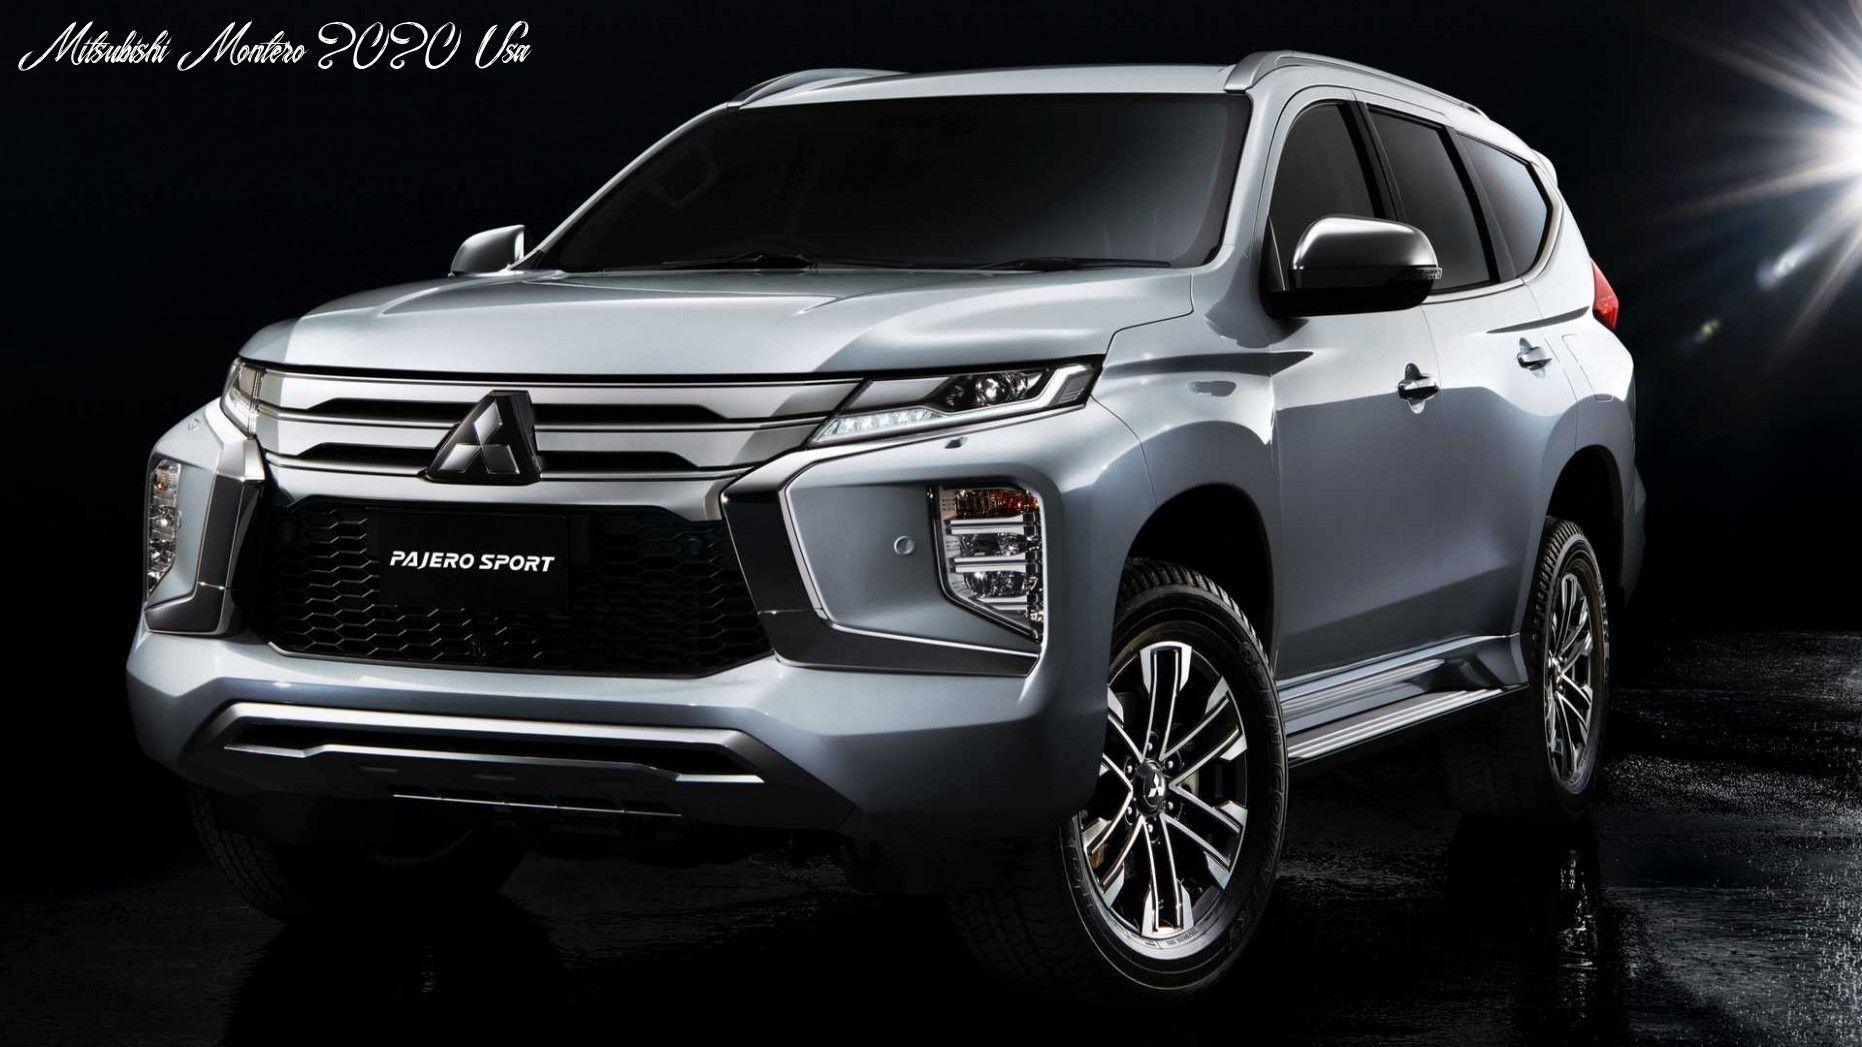 Mitsubishi Montero 2020 Usa Research New in 2020